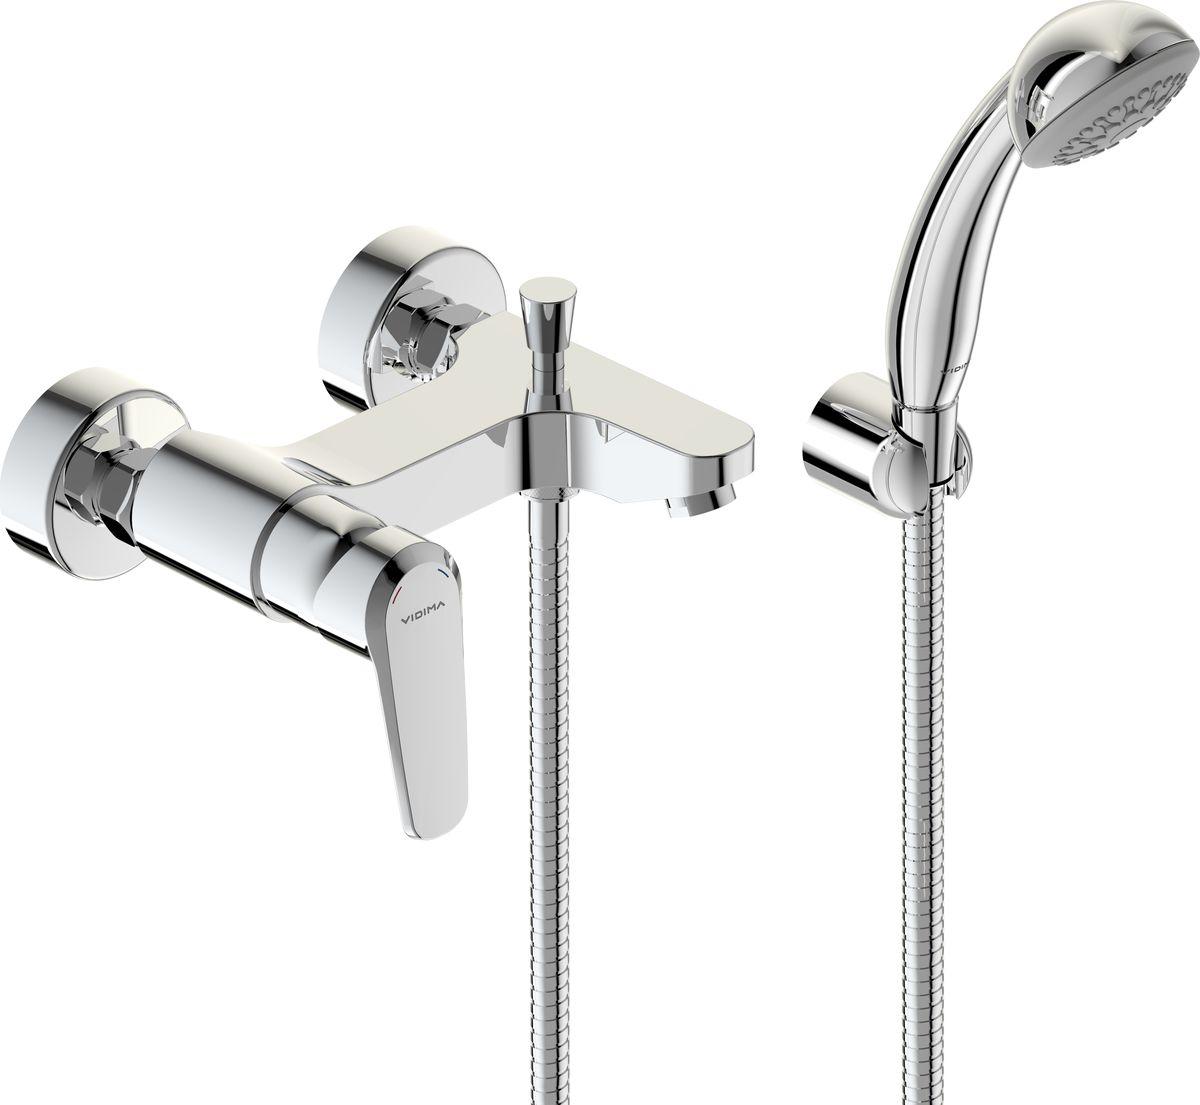 Смеситель для ванны Vidima Баланс, излив 154-161 ммBA267AAСмеситель для ванны Vidima Баланс имеет корпус и излив из 100% латуни. Изделие устанавливается на стену. Система облегченного монтажа SmartFix обеспечивает комфорт во время установки и надежность эксплуатации. Монтаж производится на стандартных эксцентриках (в комплекте: эксцентрики, металлические отражатели, уплотнительные прокладки). Смеситель снабжен литым изливом и аэратором Perlator. Металлическая рукоятка имеет систему защиты от нагревания Comfort Touch и индикатор холодной/горячей воды. Душевой гарнитур в комплекте (душевая лейка, металлический шланг, держатель для лейки). Переключение ванна/душ ручное. Возможность использовать функцию душ даже при очень низком давлении воды. Технические характеристики: Высота излива: 154-161 мм. Расстояние от стены до аэратора: 161 мм. Керамический картридж: 35 мм. Диаметр душевой лейки: 70 мм. Длина металлического шланга: 150 см.